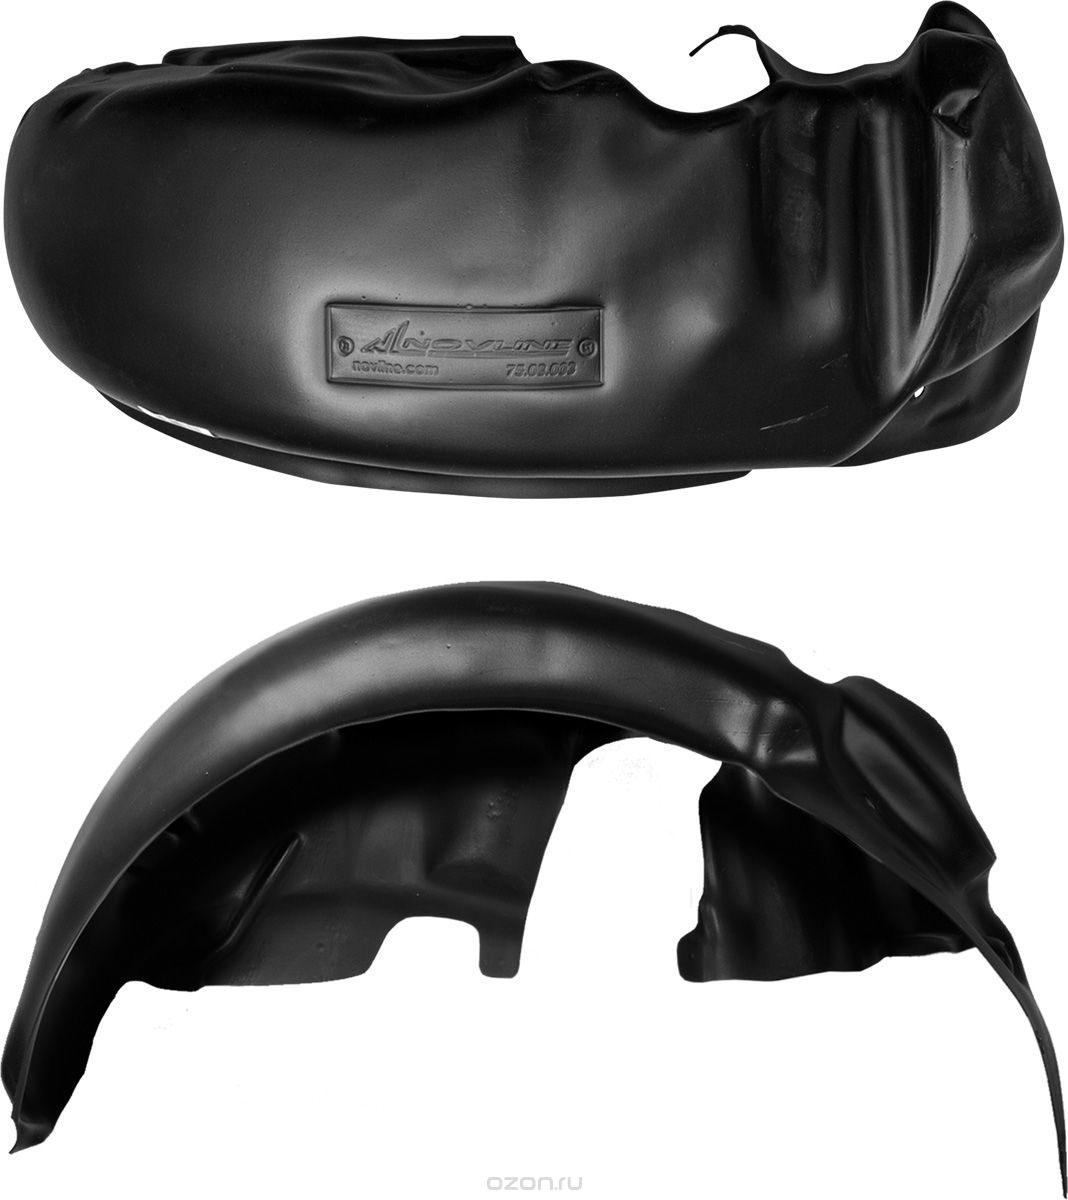 Подкрылок Novline-Autofamily, для Chery Tiggo, 01/2006-2013, передний правыйNLL.63.03.002Идеальная защита колесной ниши. Локеры разработаны с применением цифровых технологий, гарантируют максимальную повторяемость поверхности арки. Изделия устанавливаются без нарушения лакокрасочного покрытия автомобиля, каждый подкрылок комплектуется крепежом. Уважаемые клиенты, обращаем ваше внимание, что фотографии на подкрылки универсальные и не отражают реальную форму изделия. При этом само изделие идет точно под размер указанного автомобиля.